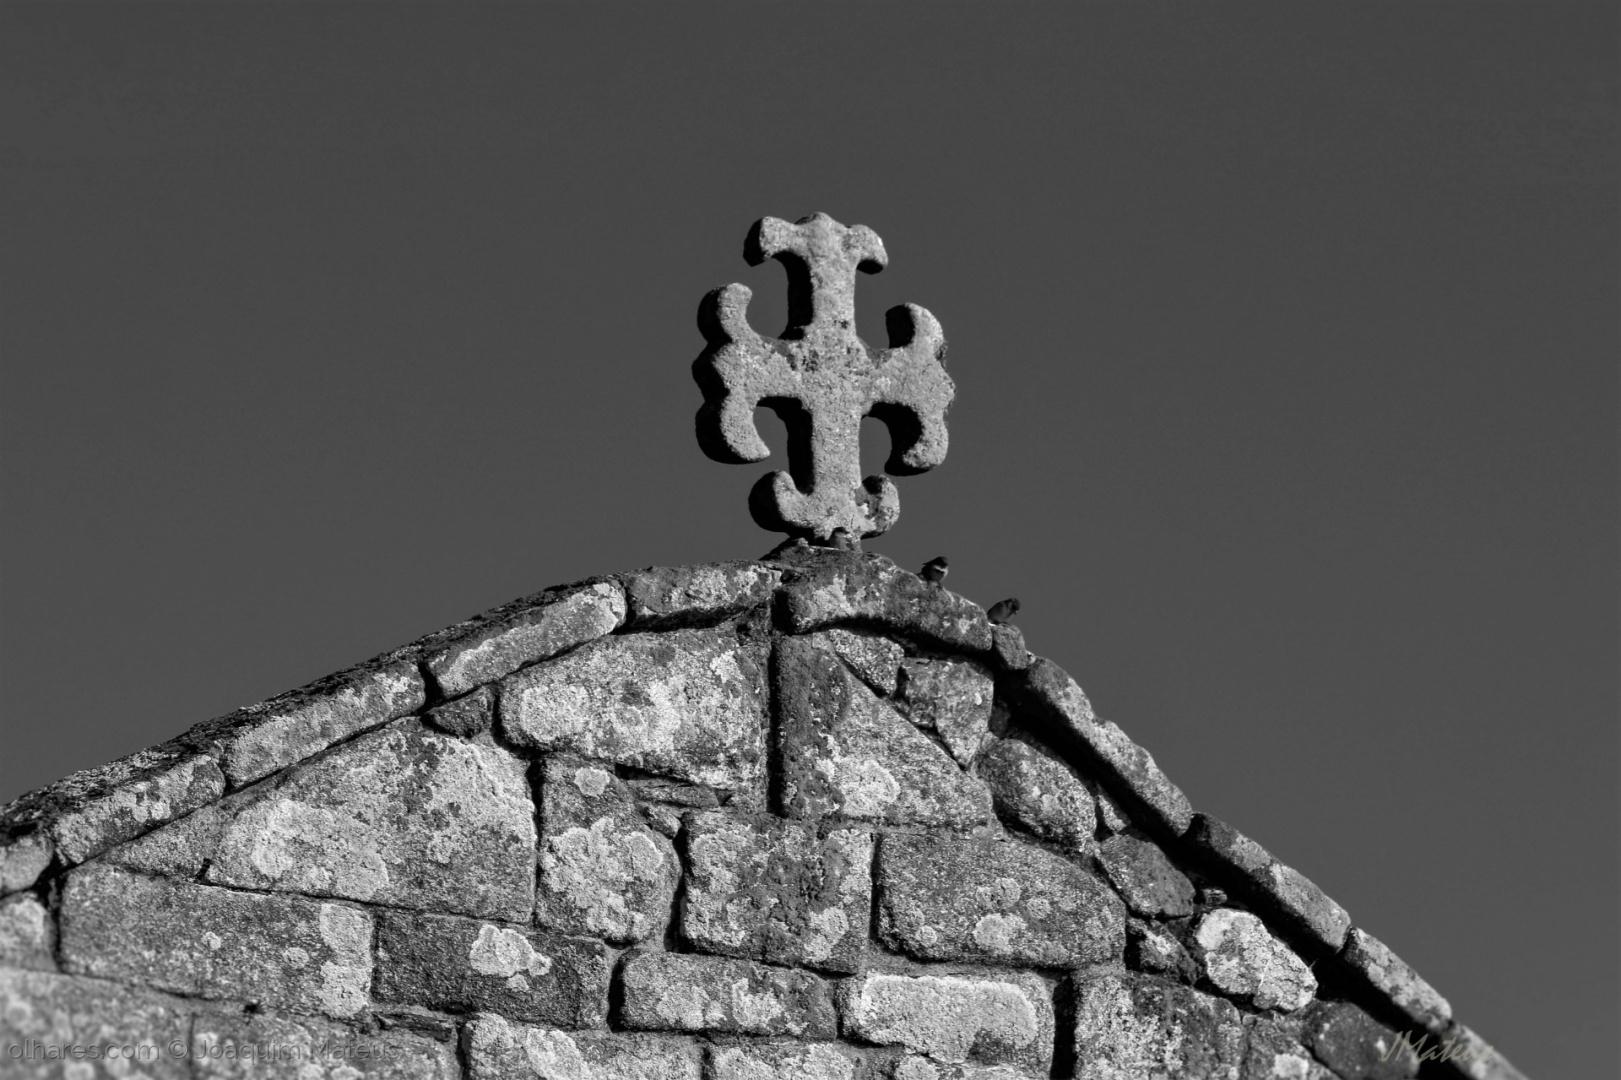 História/A cruz... (Lsff)